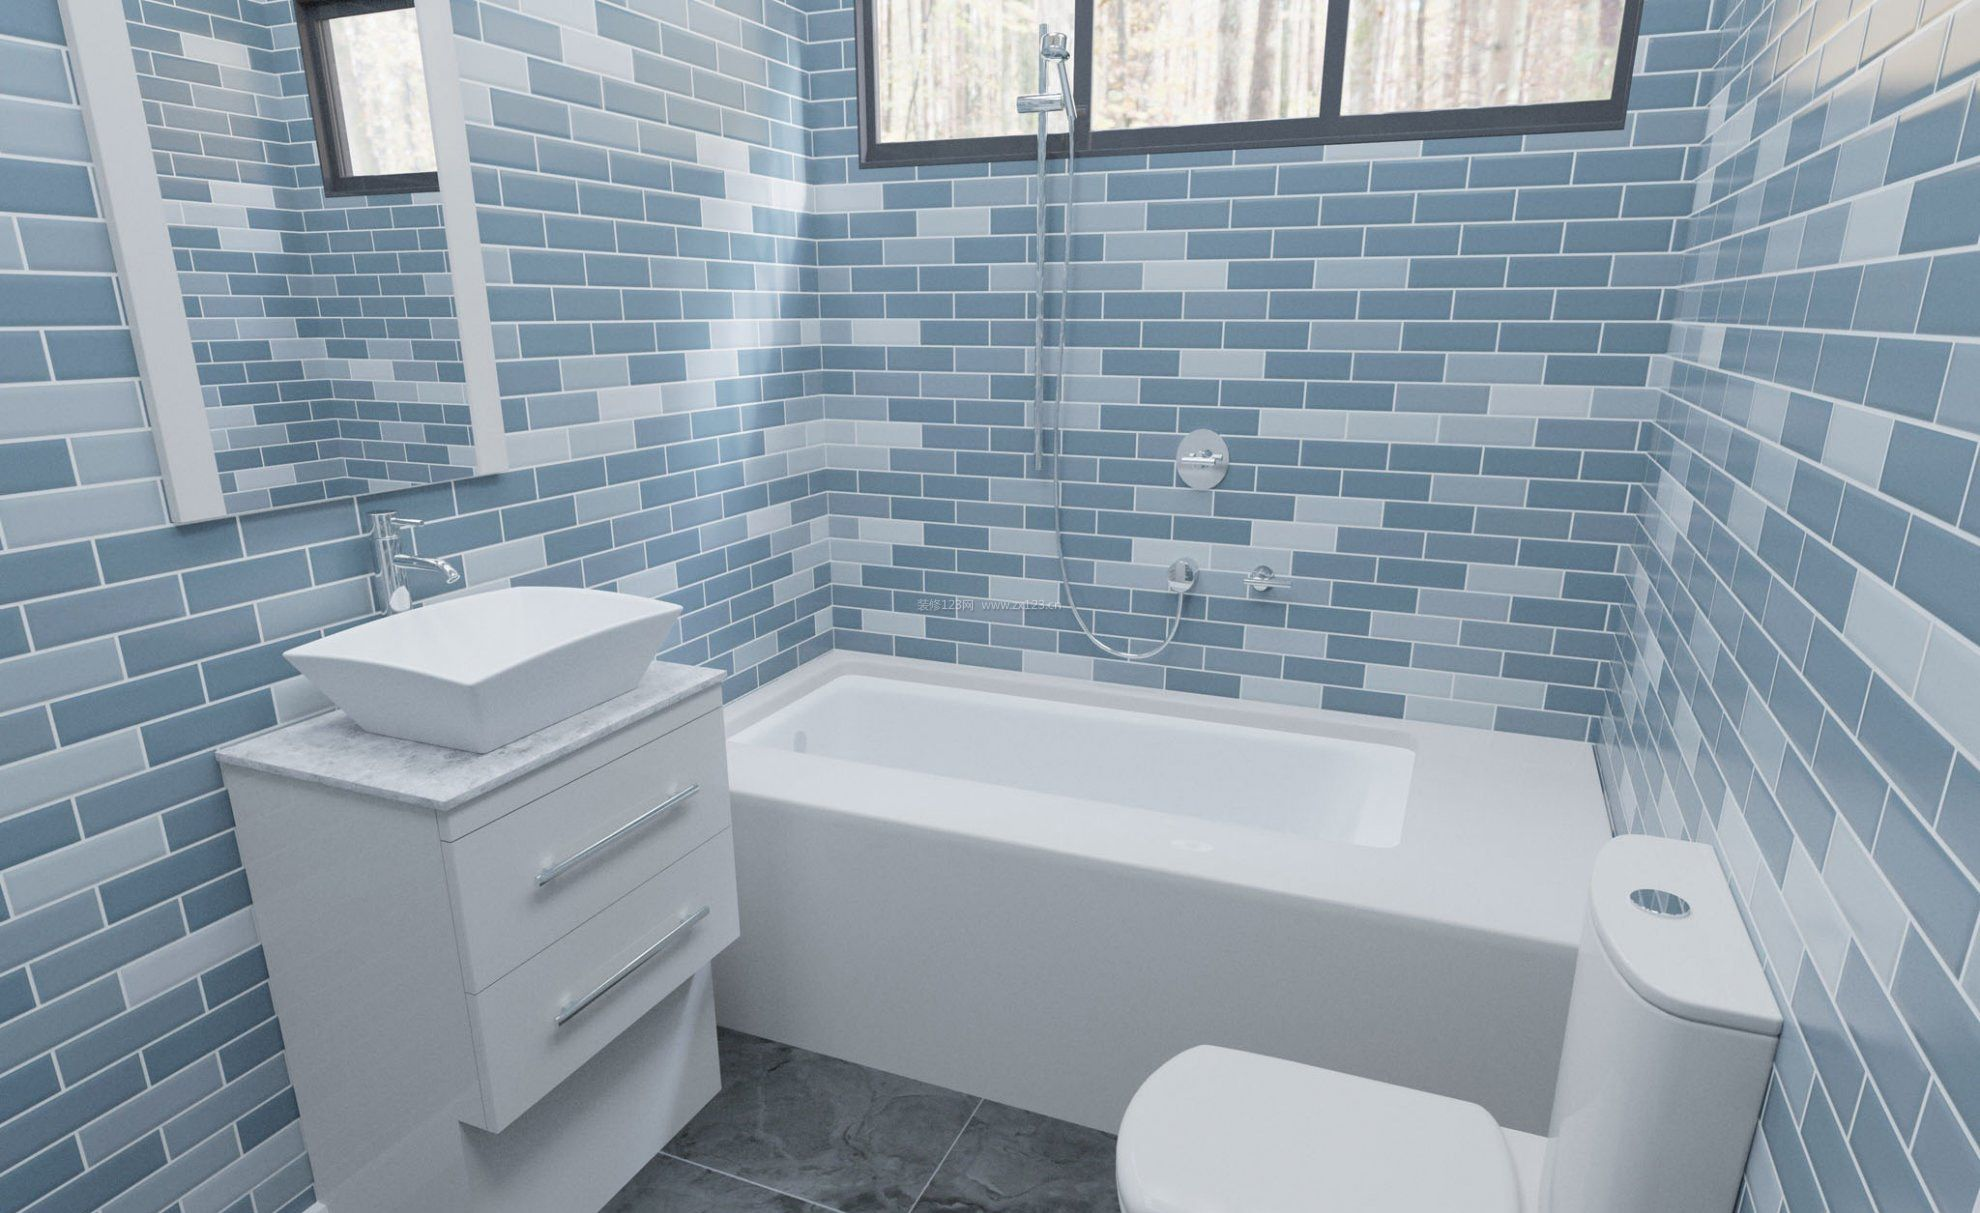 小卫生间蓝色瓷砖效果图_装修123效果图